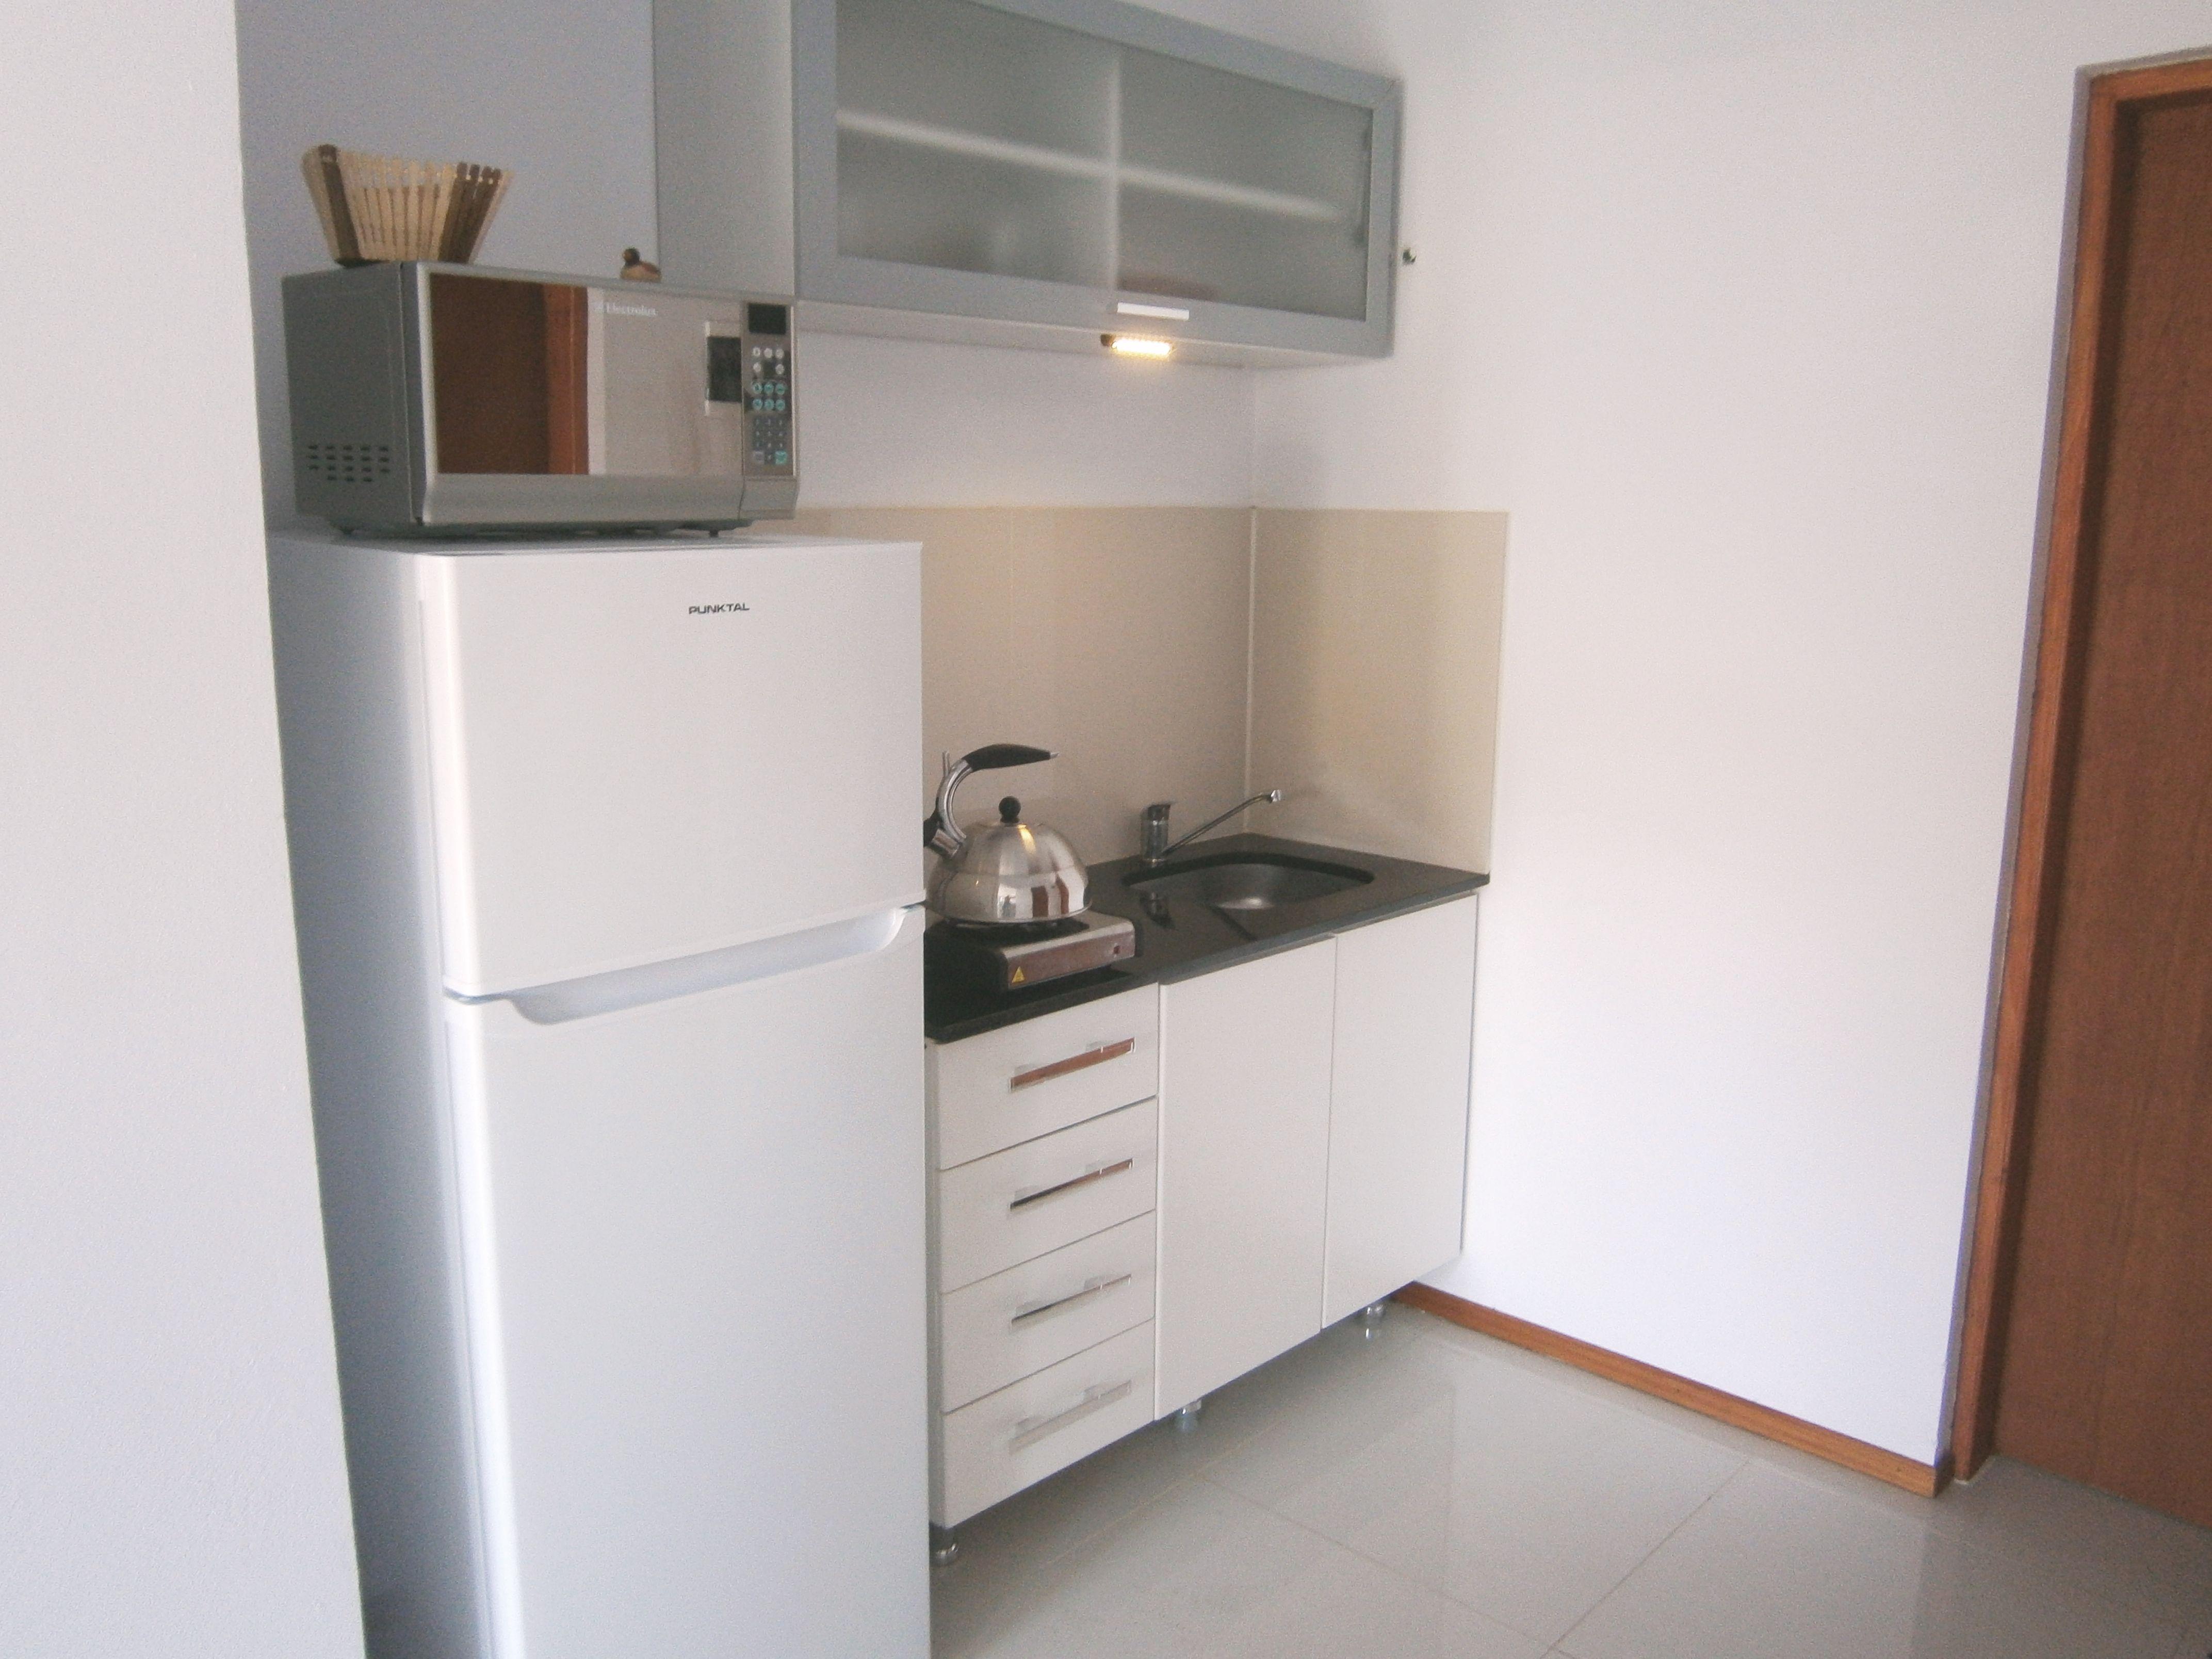 cocina heladera con freezer microondas y anafe casa On heladera y cocina juntas